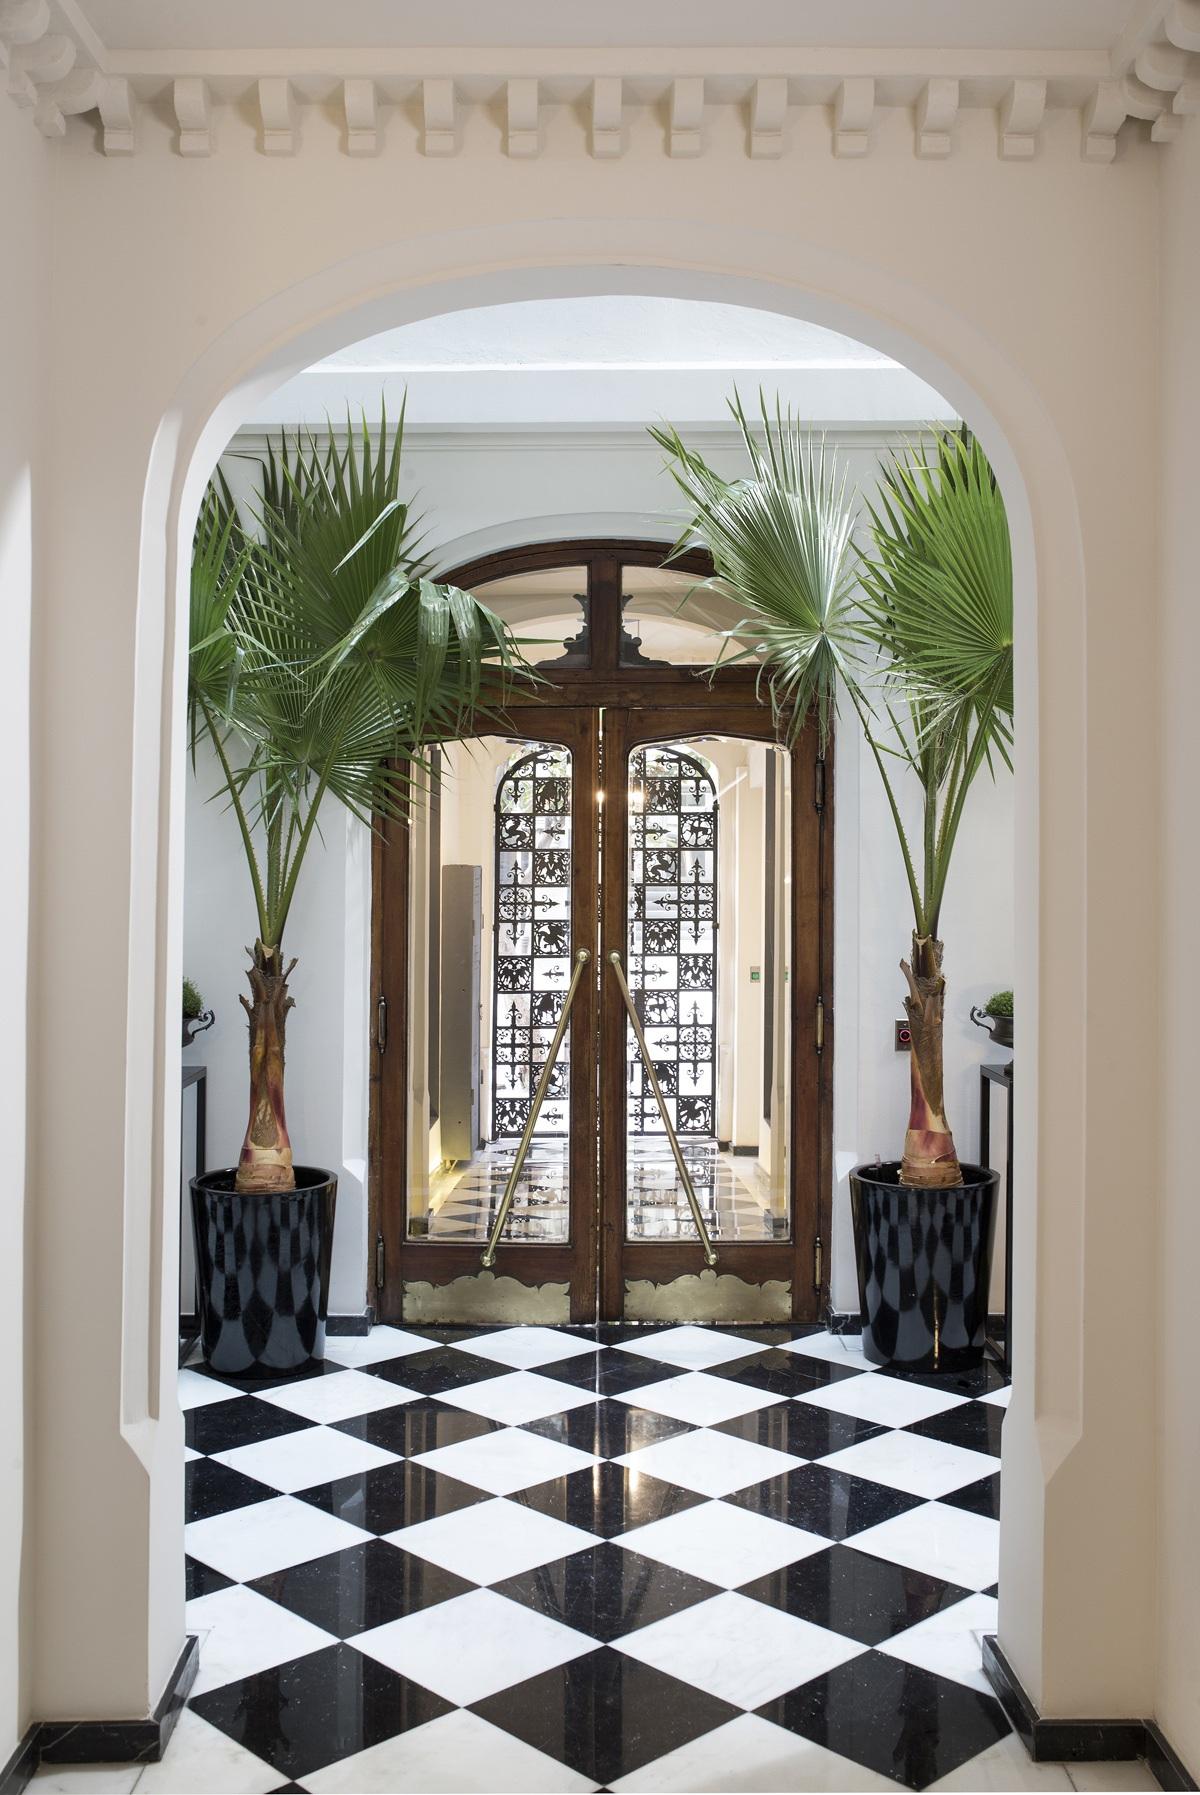 Ξενοδοχείο Magnolia το μοντέρνο συναντά το κλασσικό.